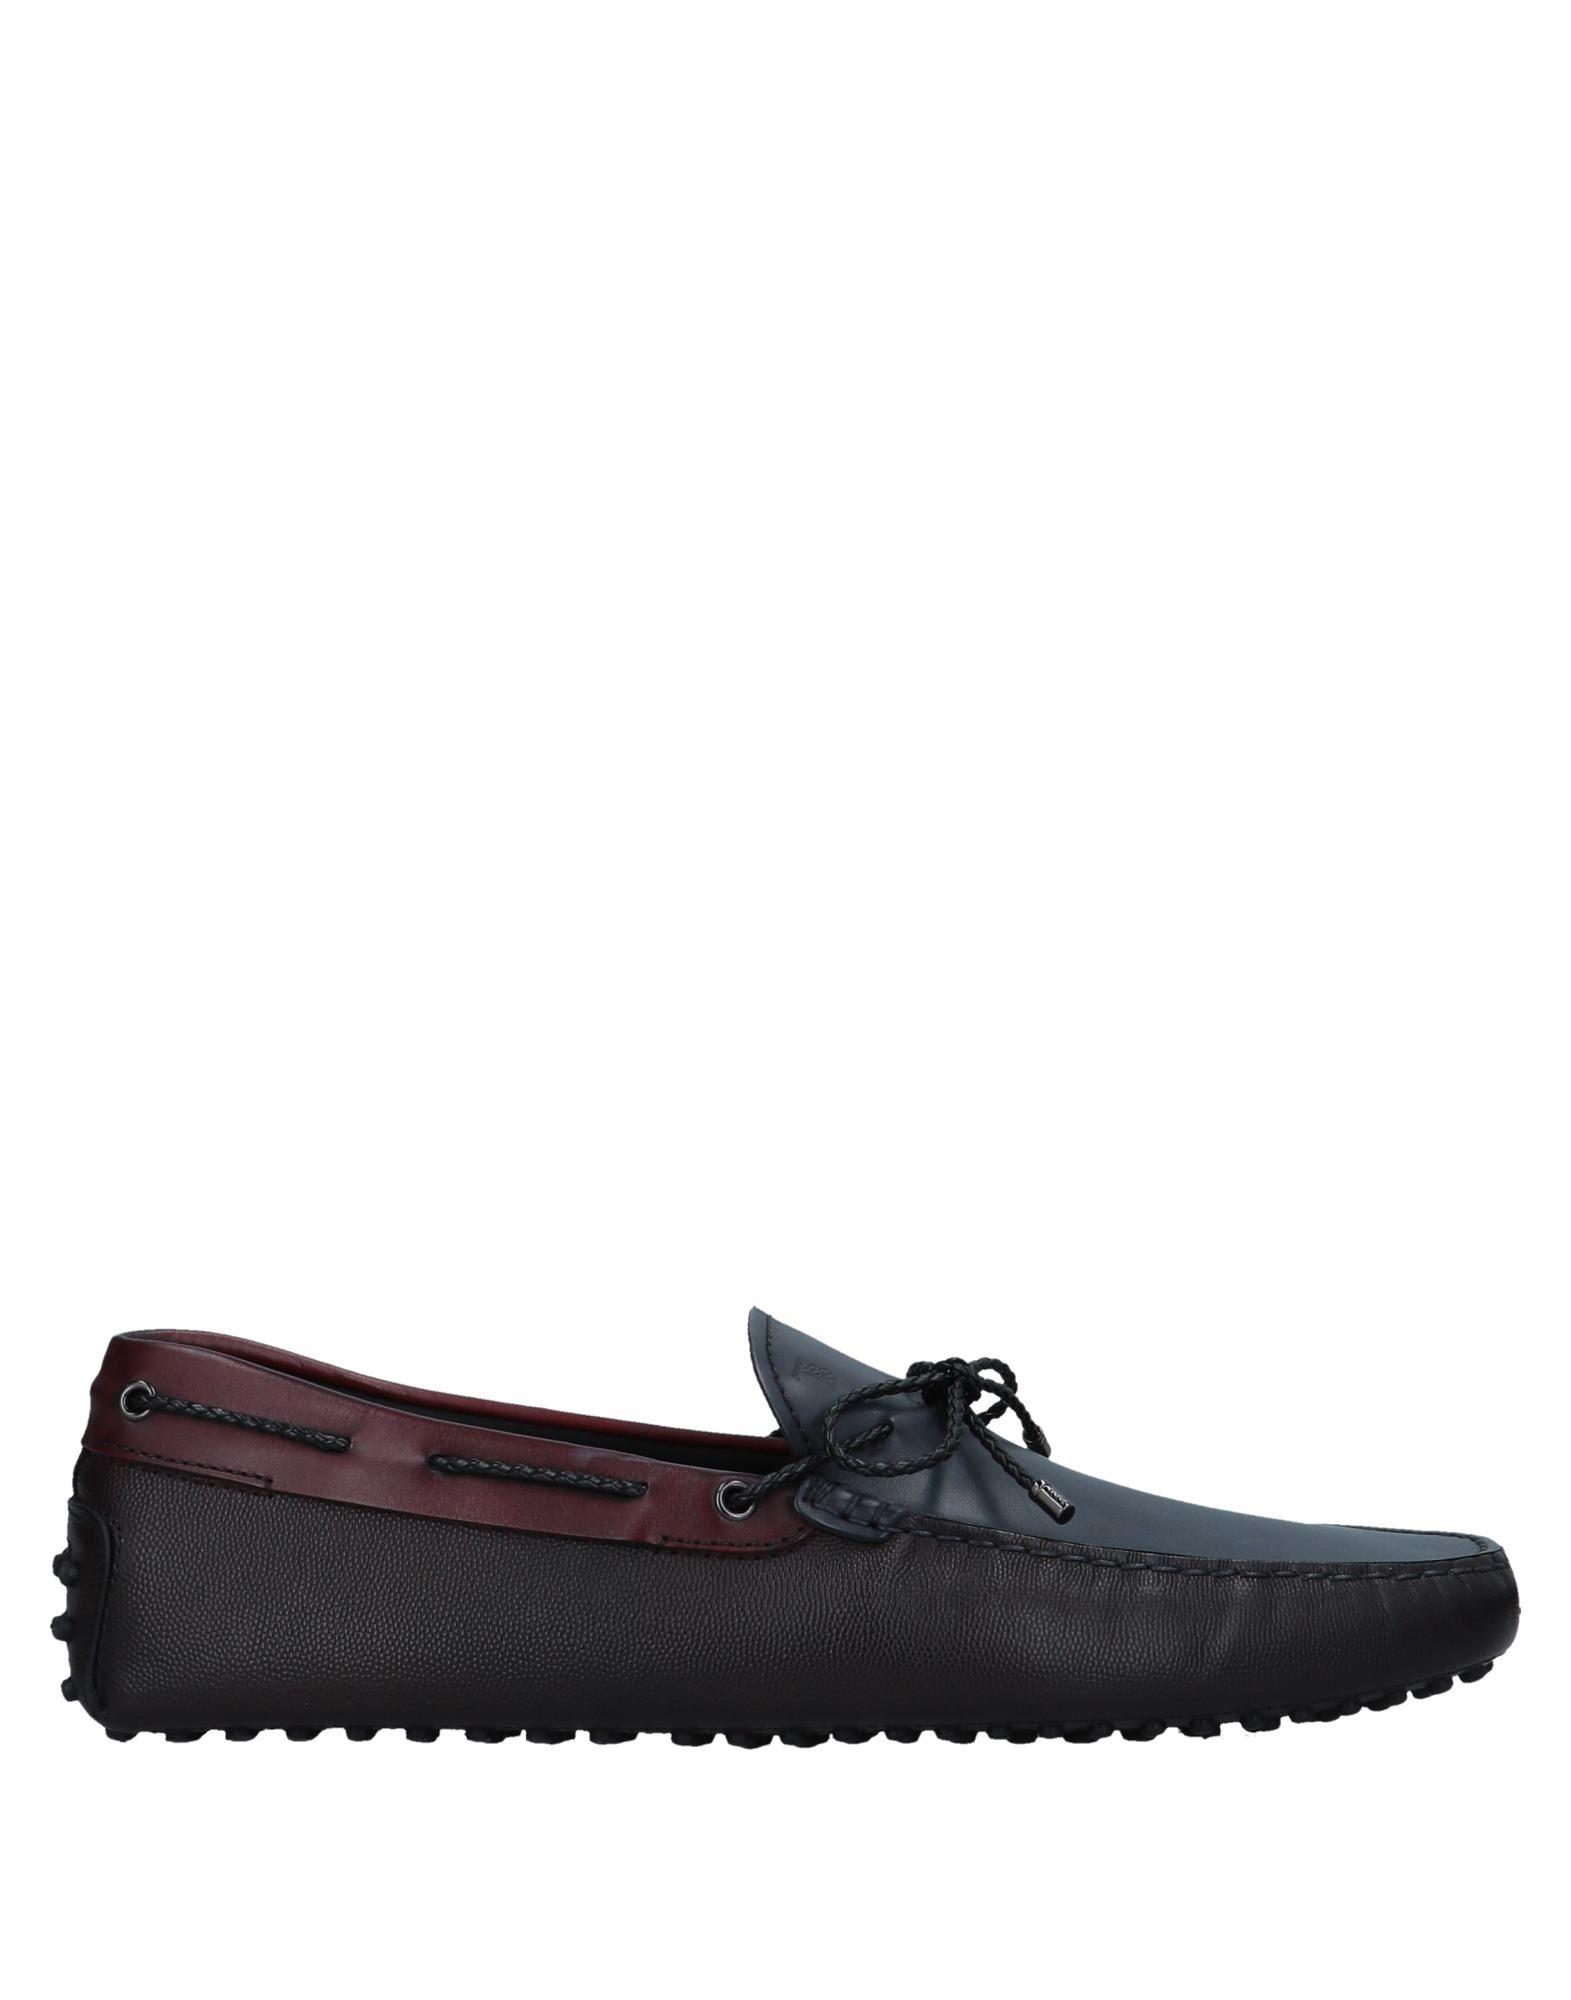 Tod's Mokassins Herren  11541127UF Gute Qualität beliebte Schuhe